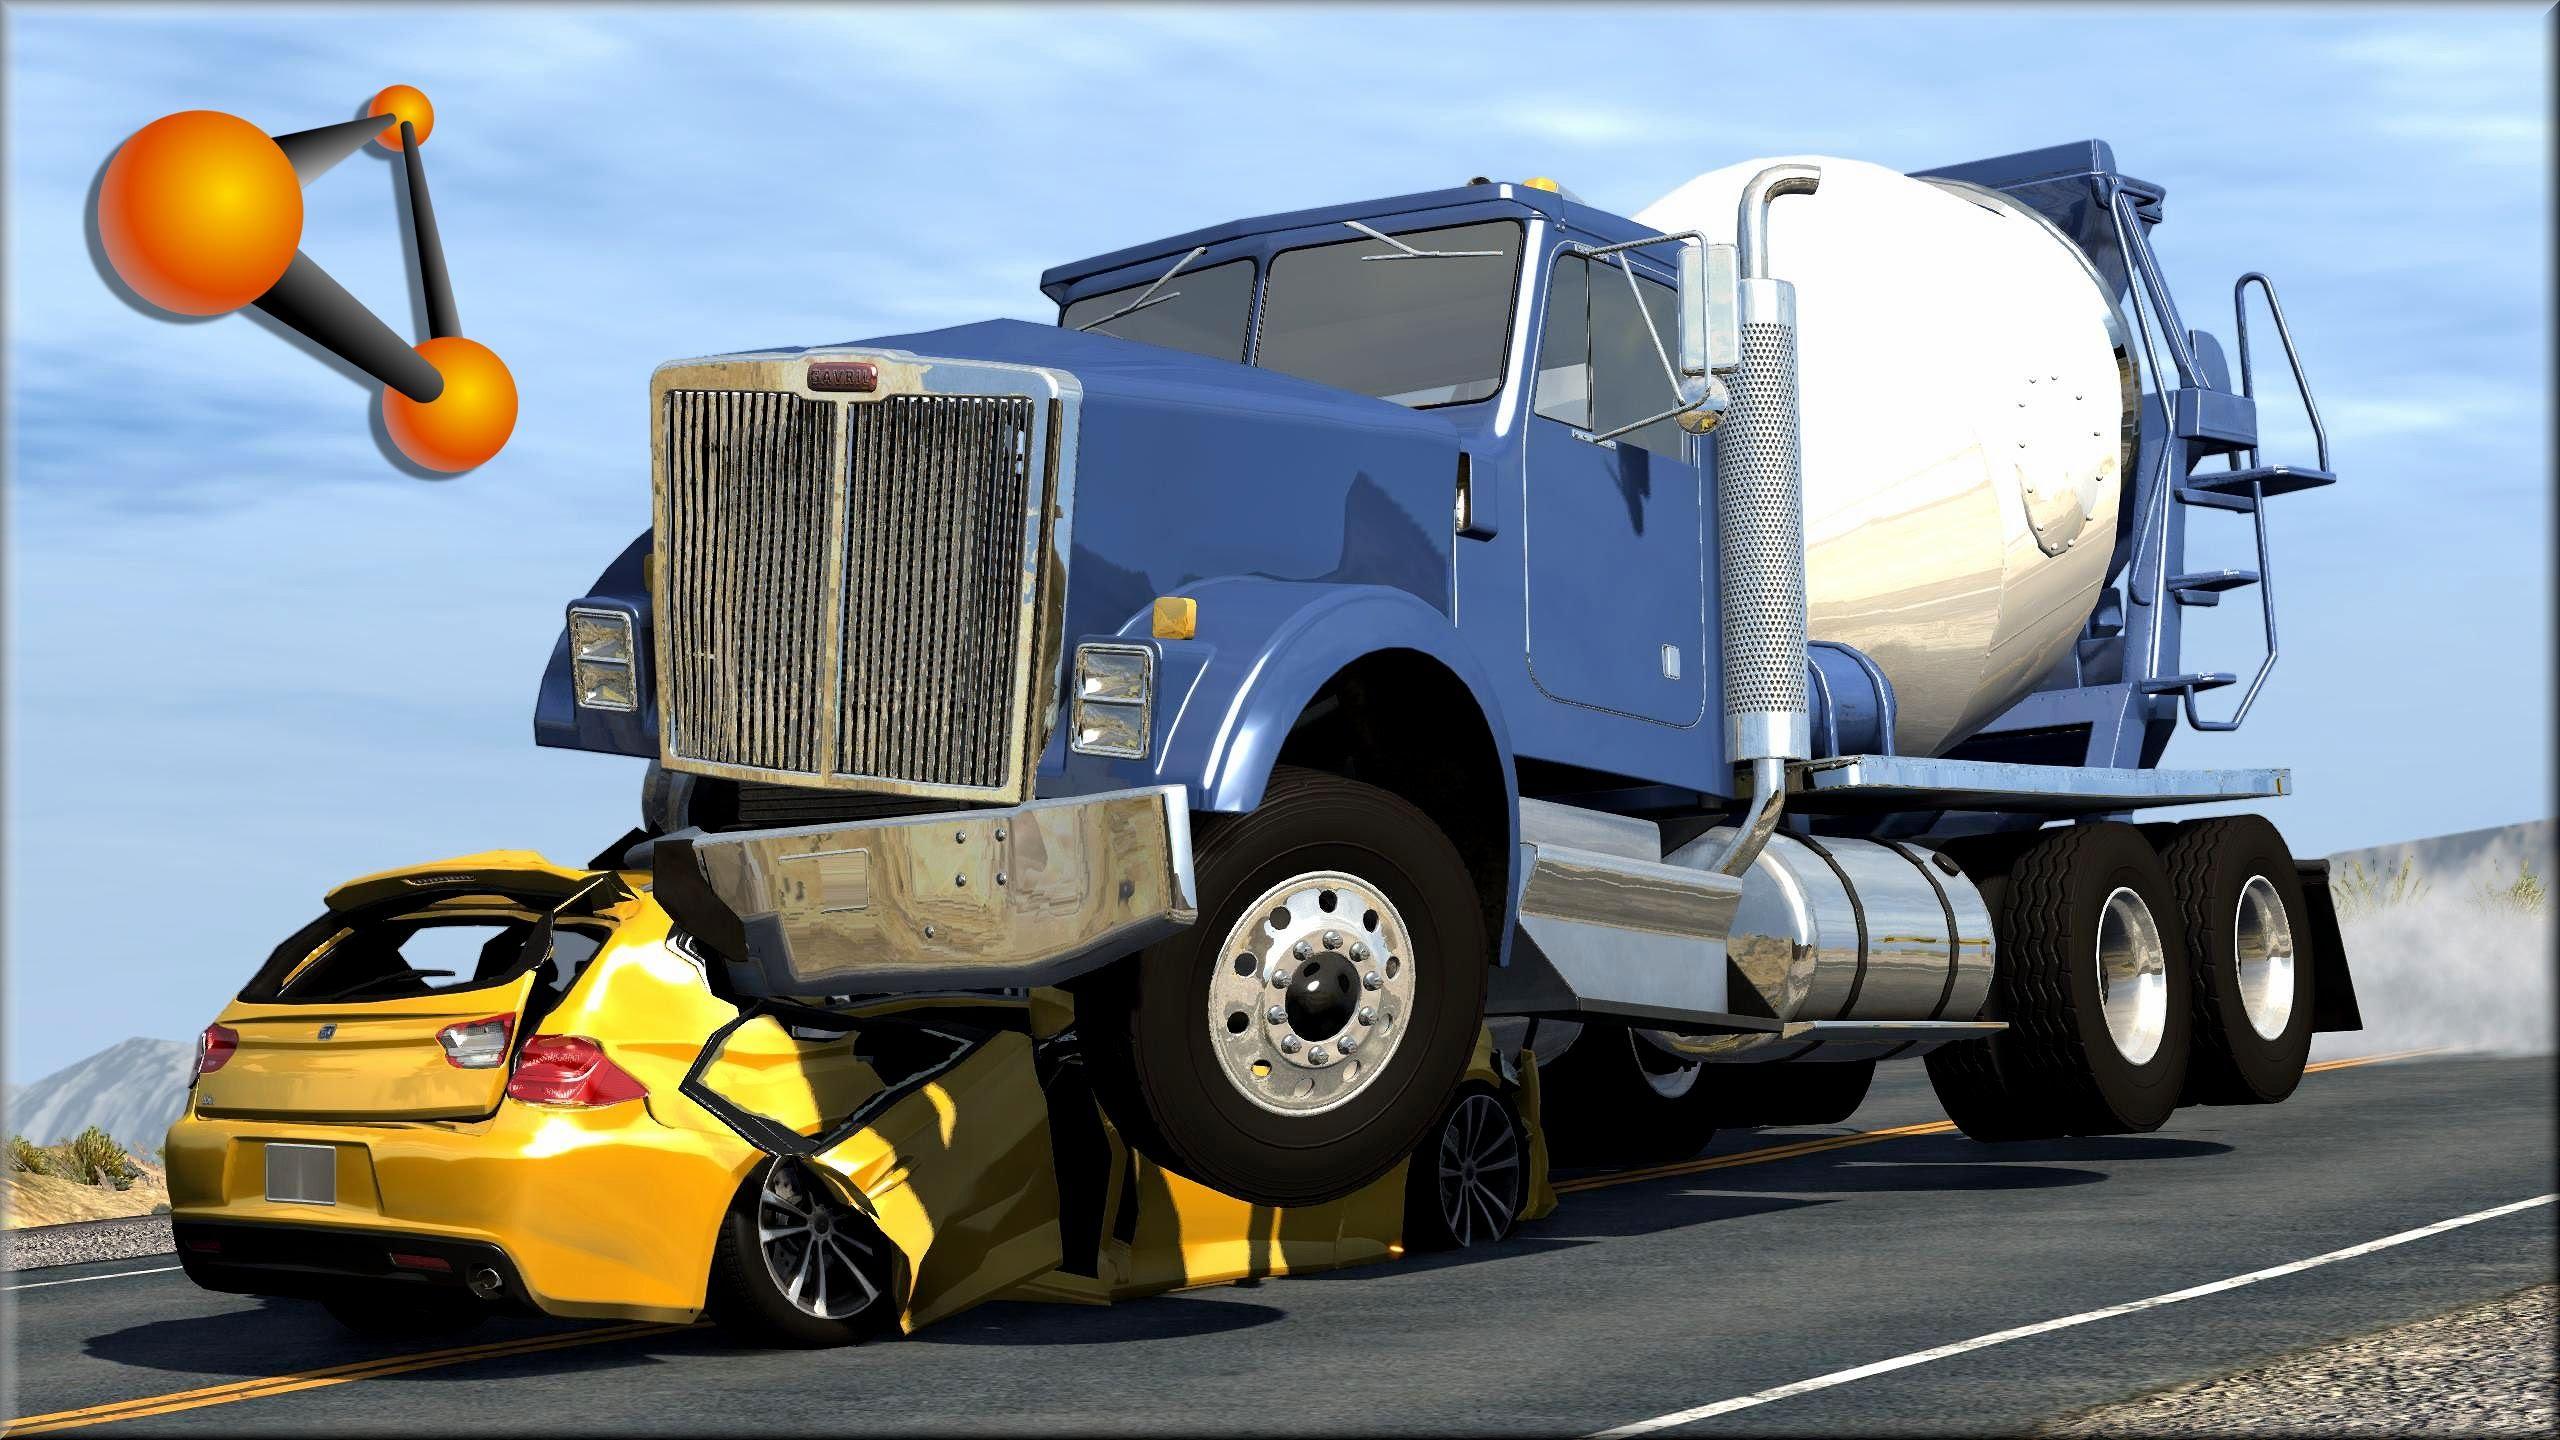 Cars Crashing Into Trucks